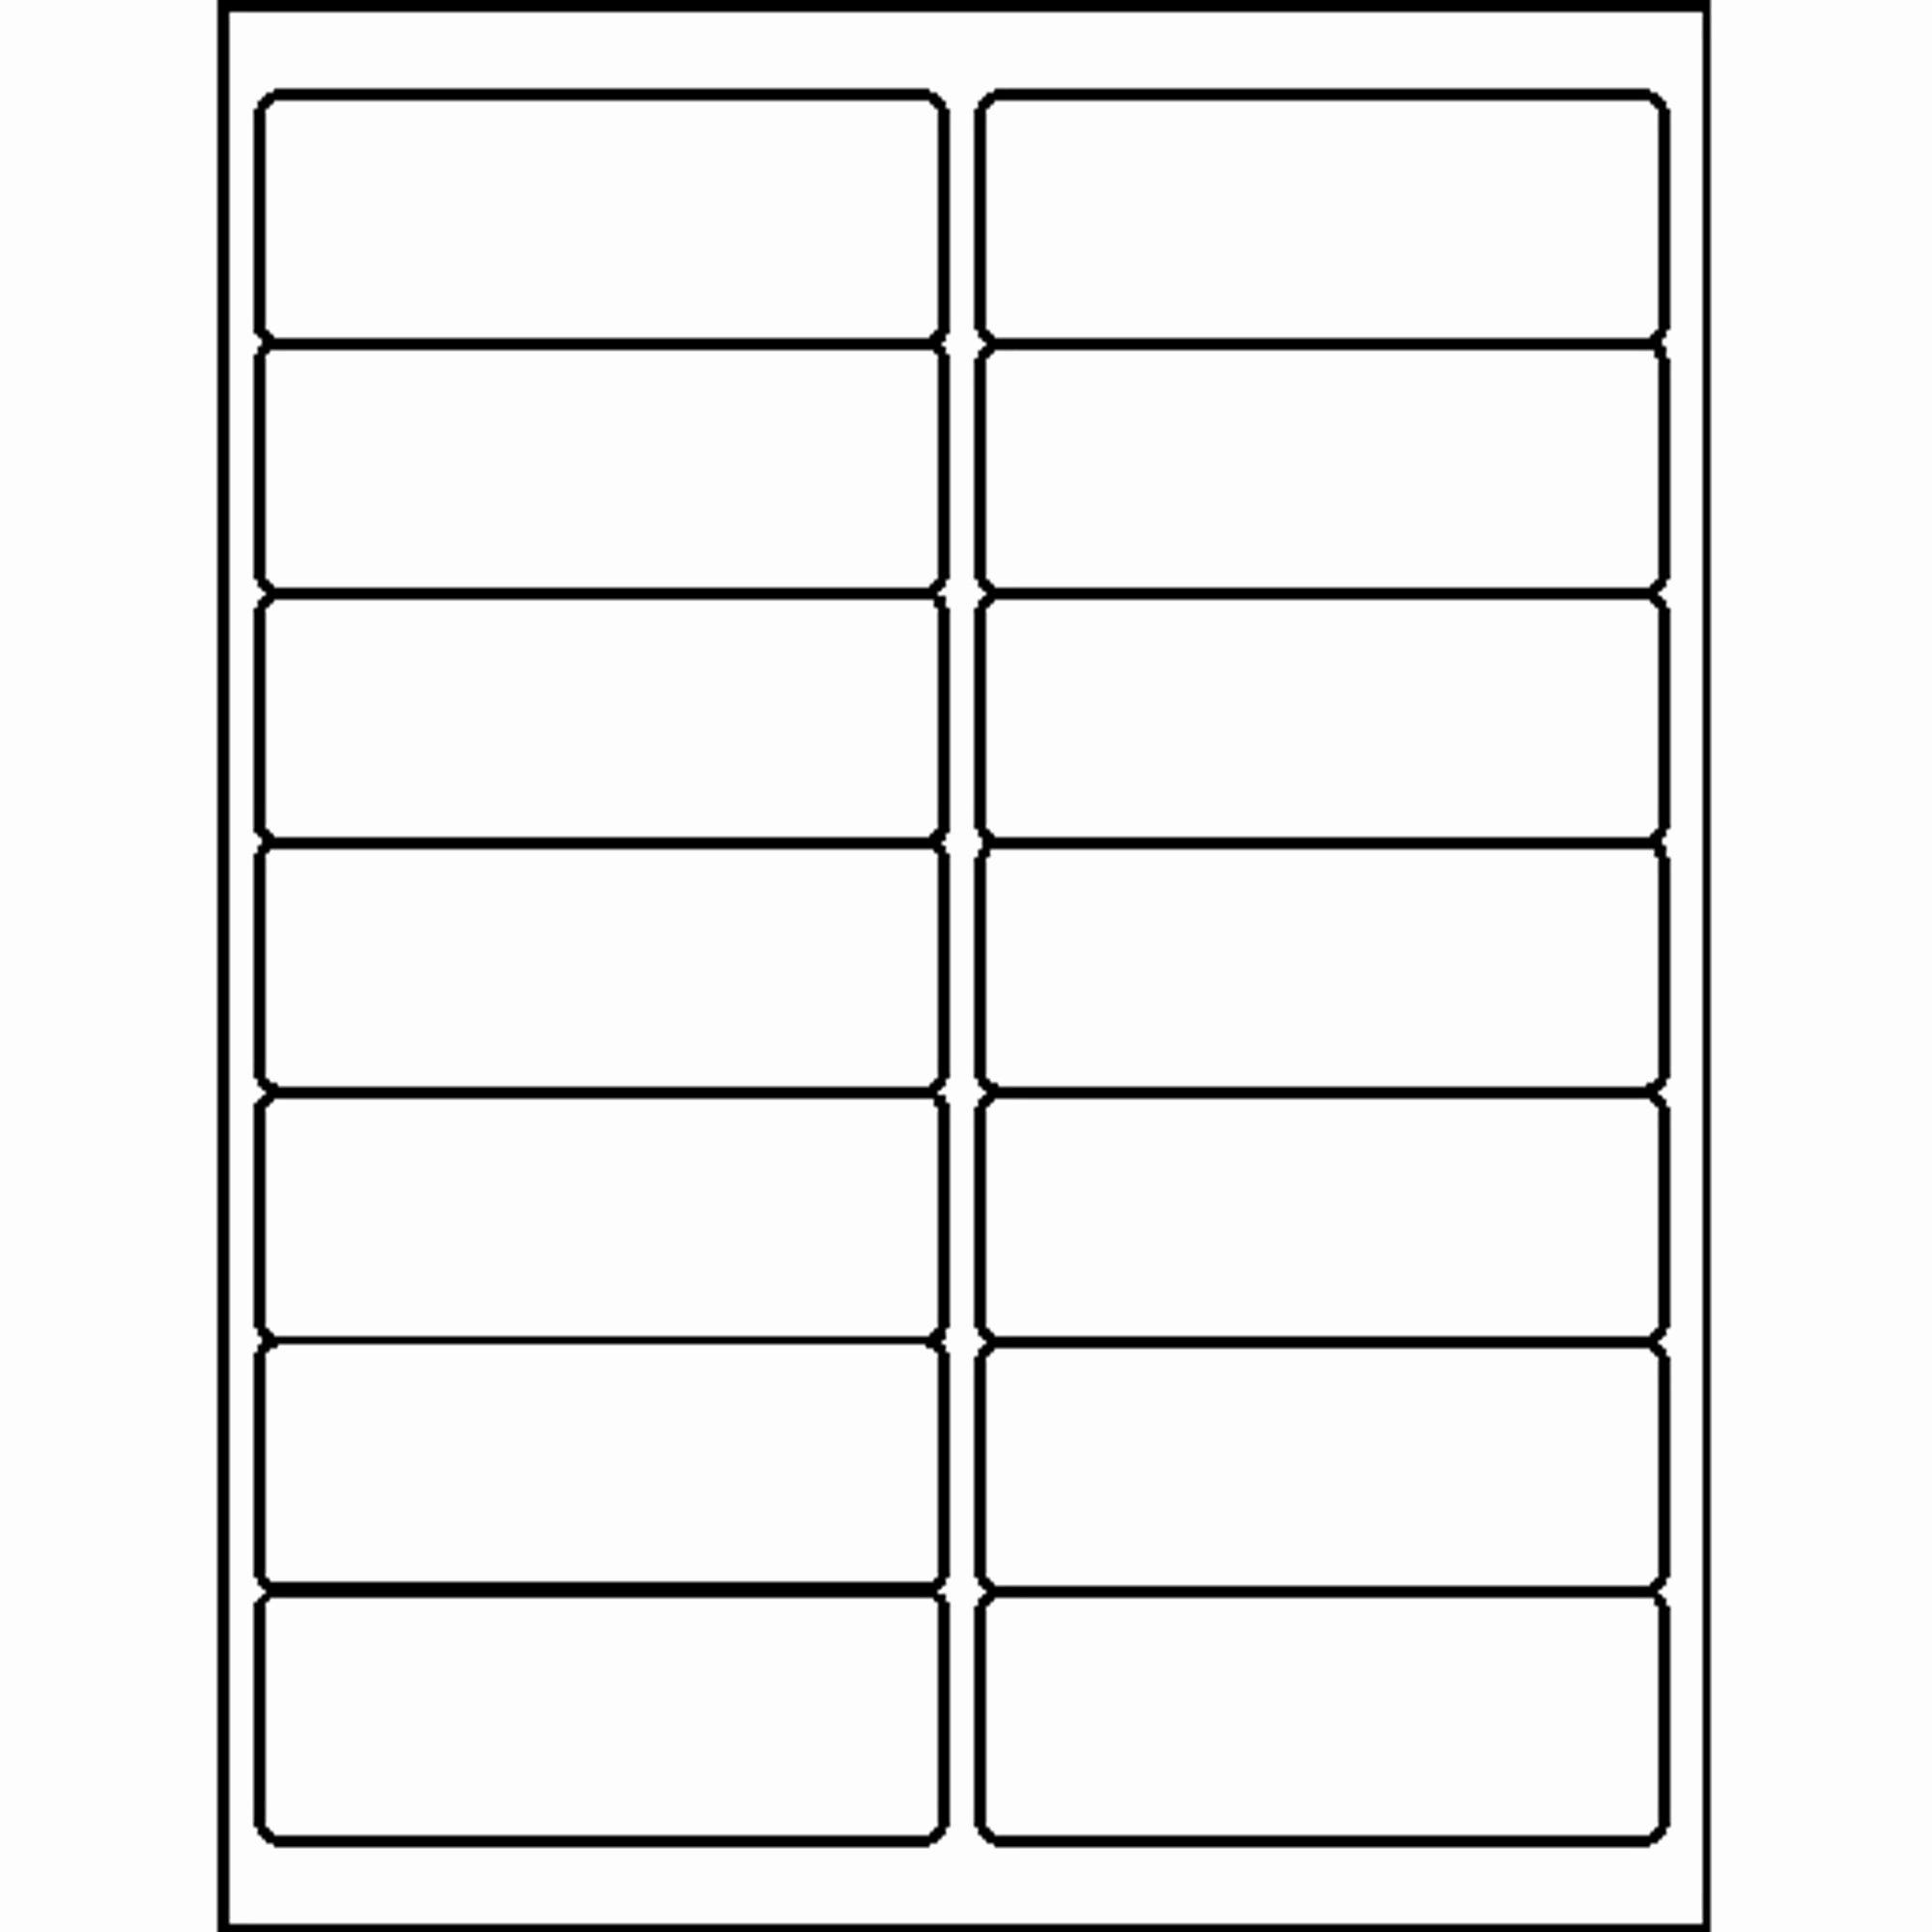 Avery 8162 Template for Mac Inspirational 14 Labels Per Sheet Template Word – Brucejudisch